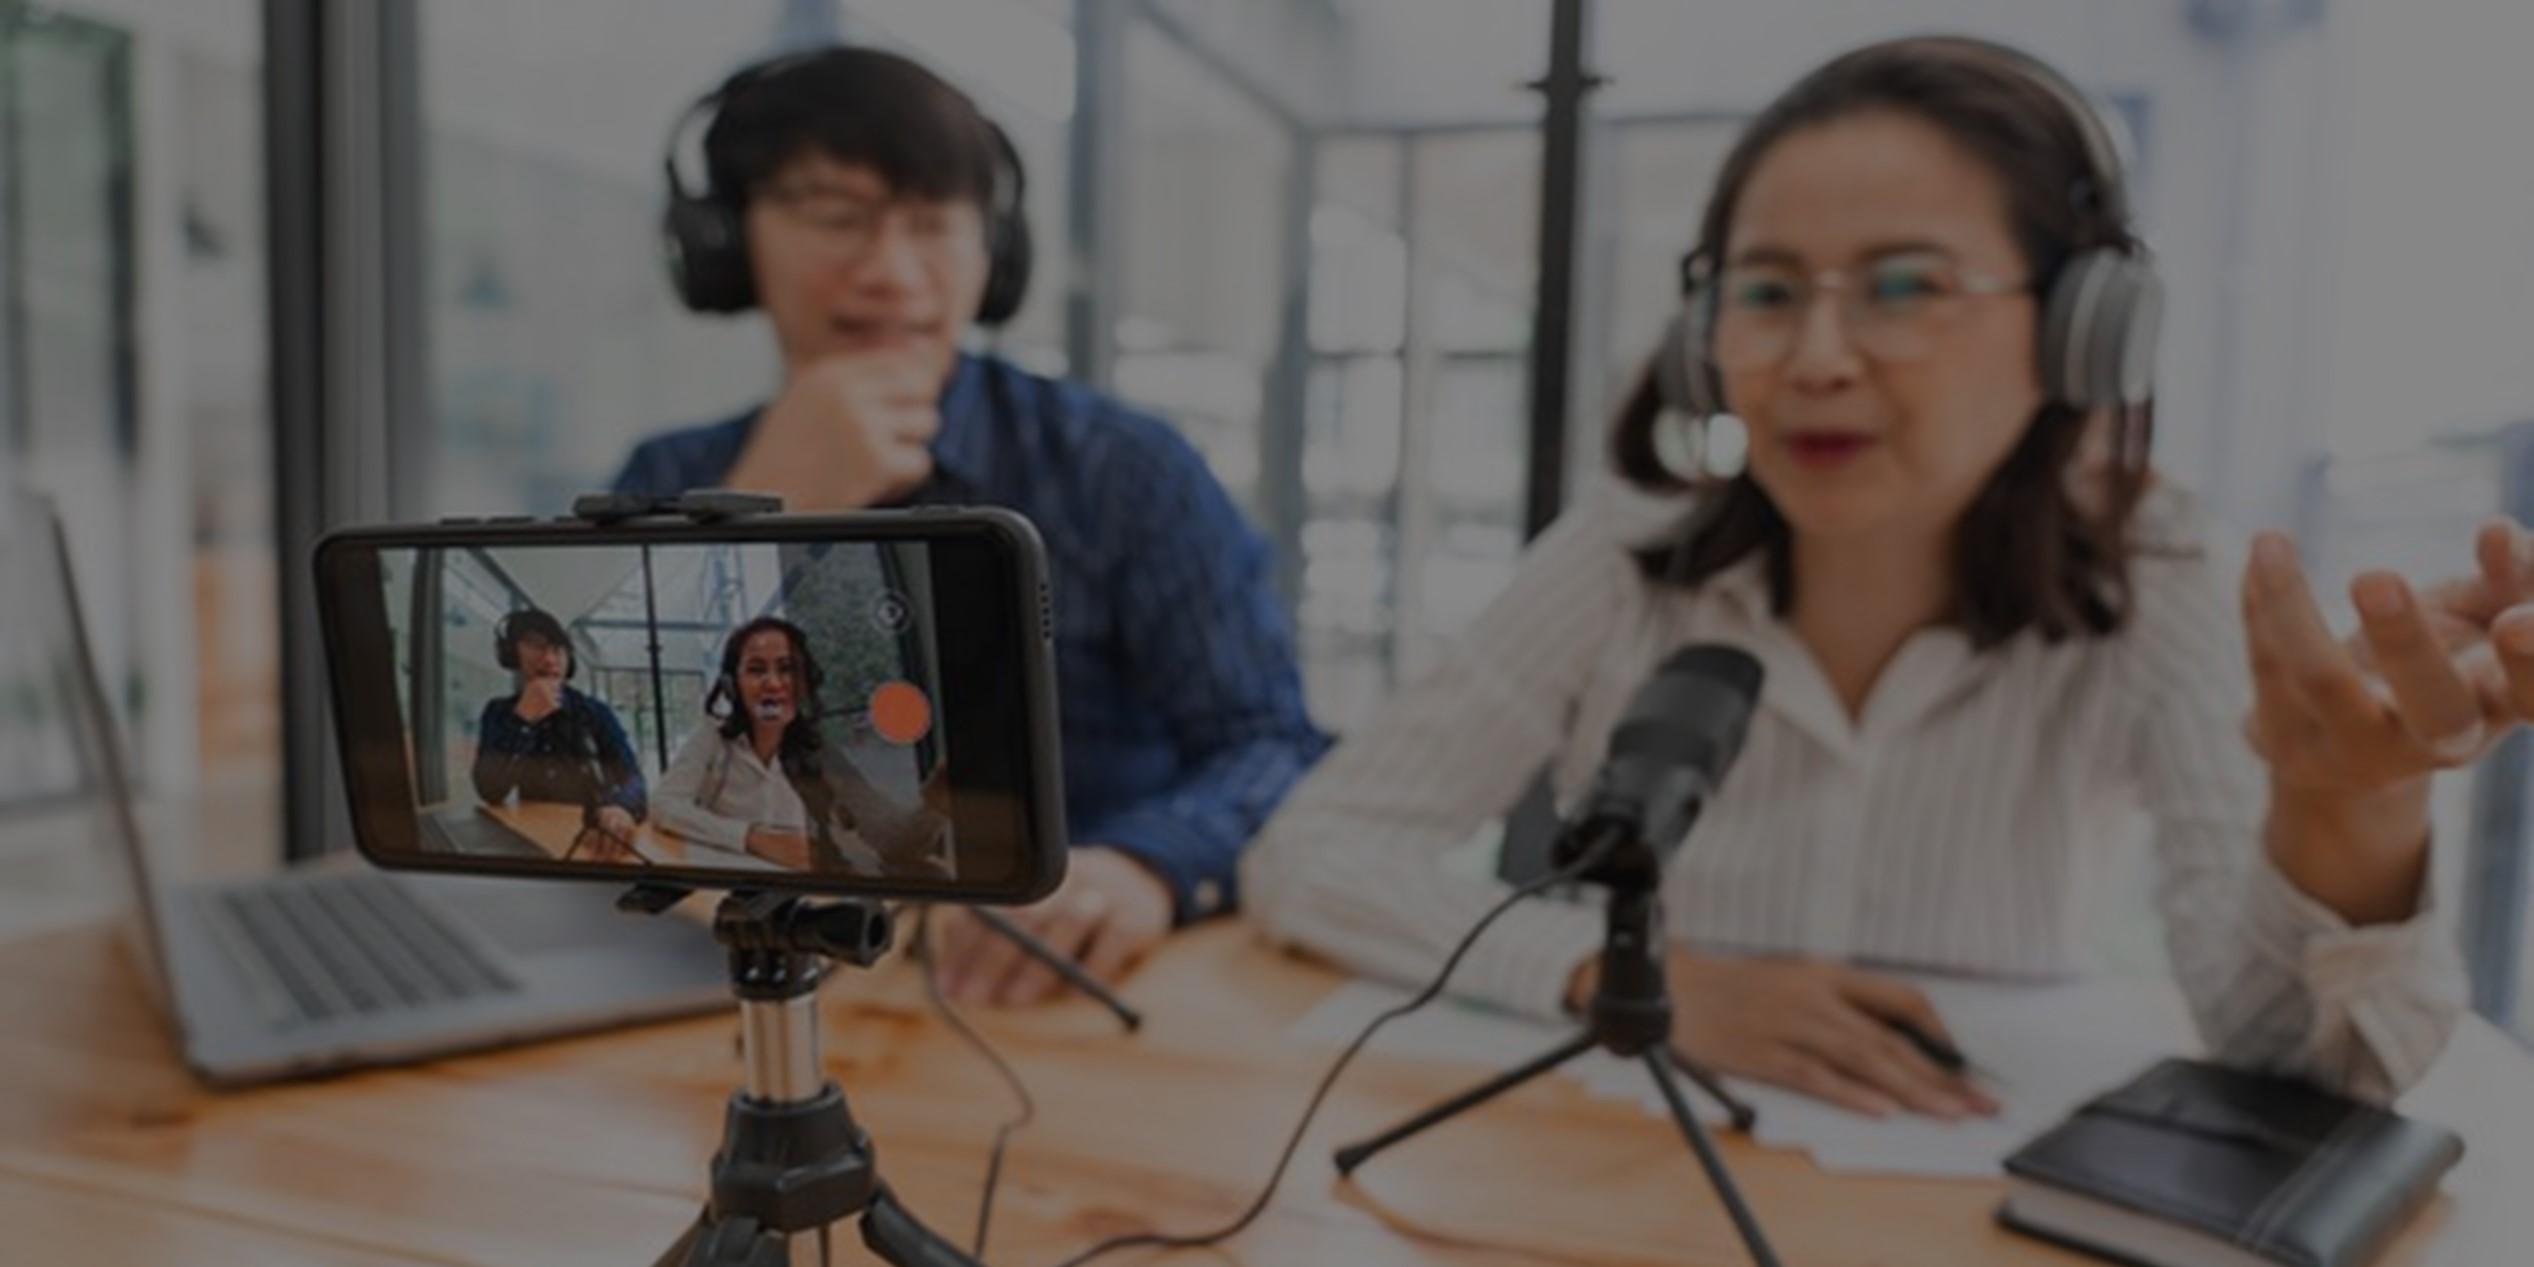 Podcast-Estrategia-de-marketing-Mundo-digital-Marketing-de-contenidos-Lima-Perú